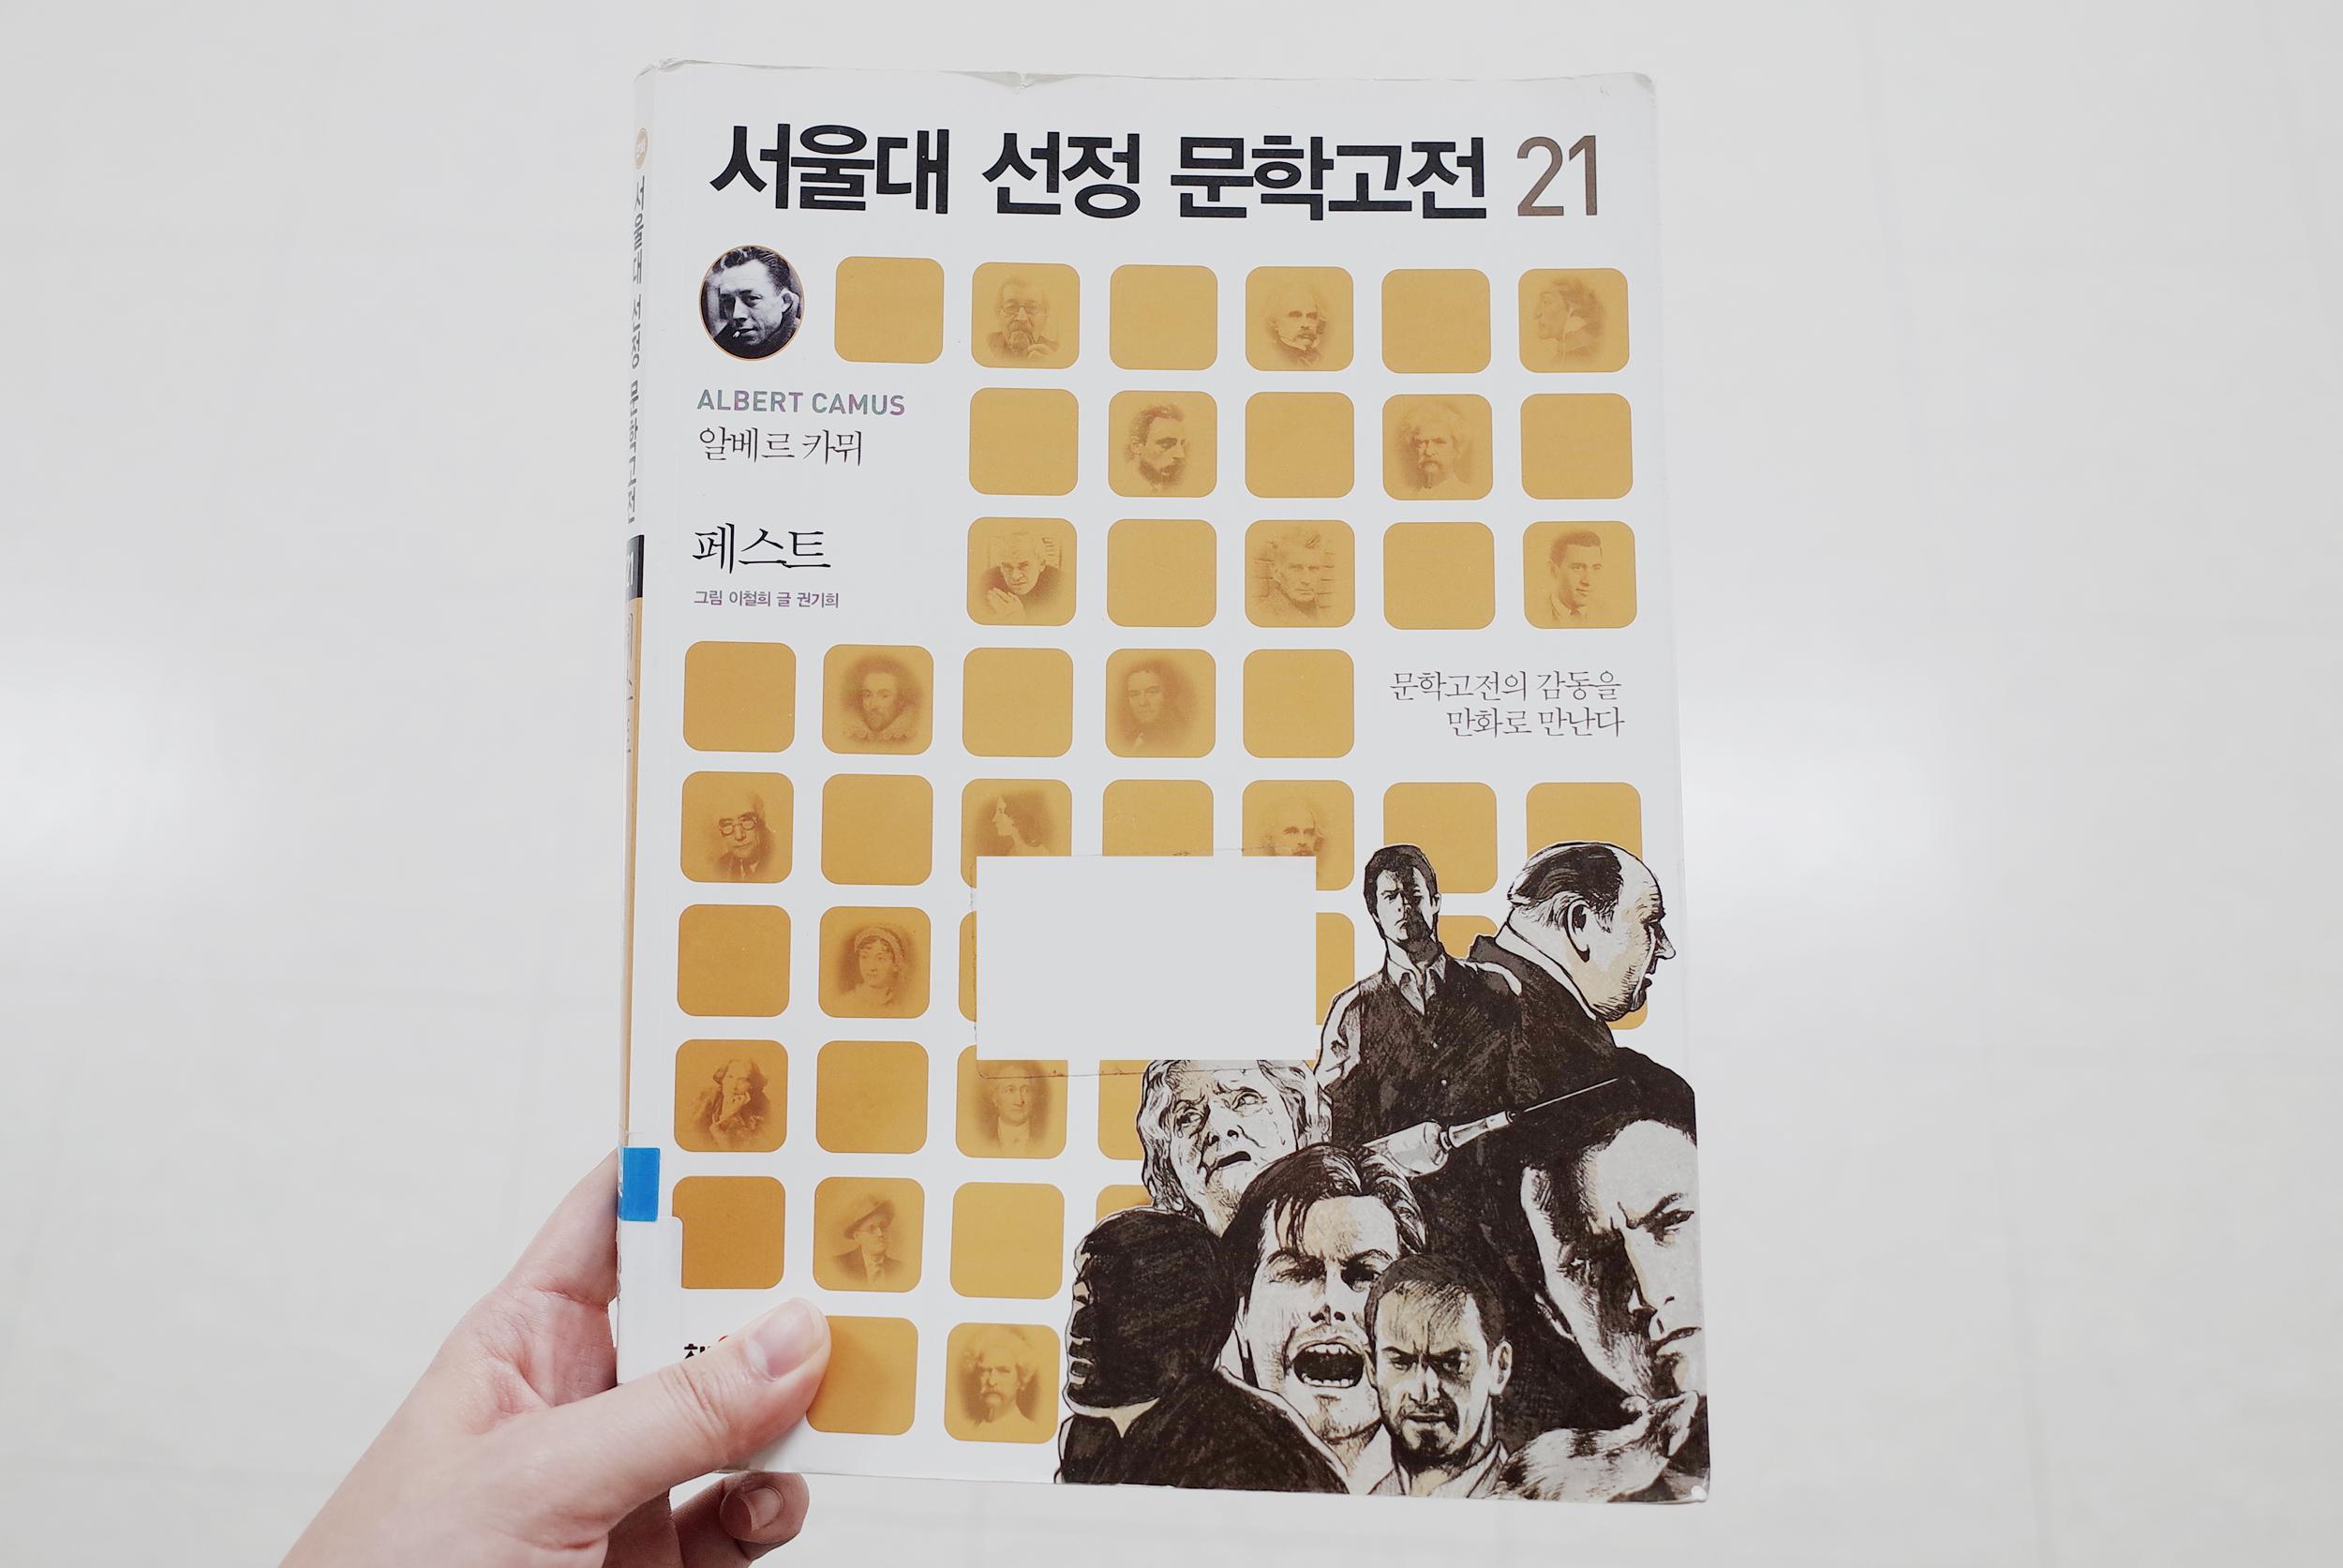 문학고전의 감동을 만화로 만난다 / 페스트